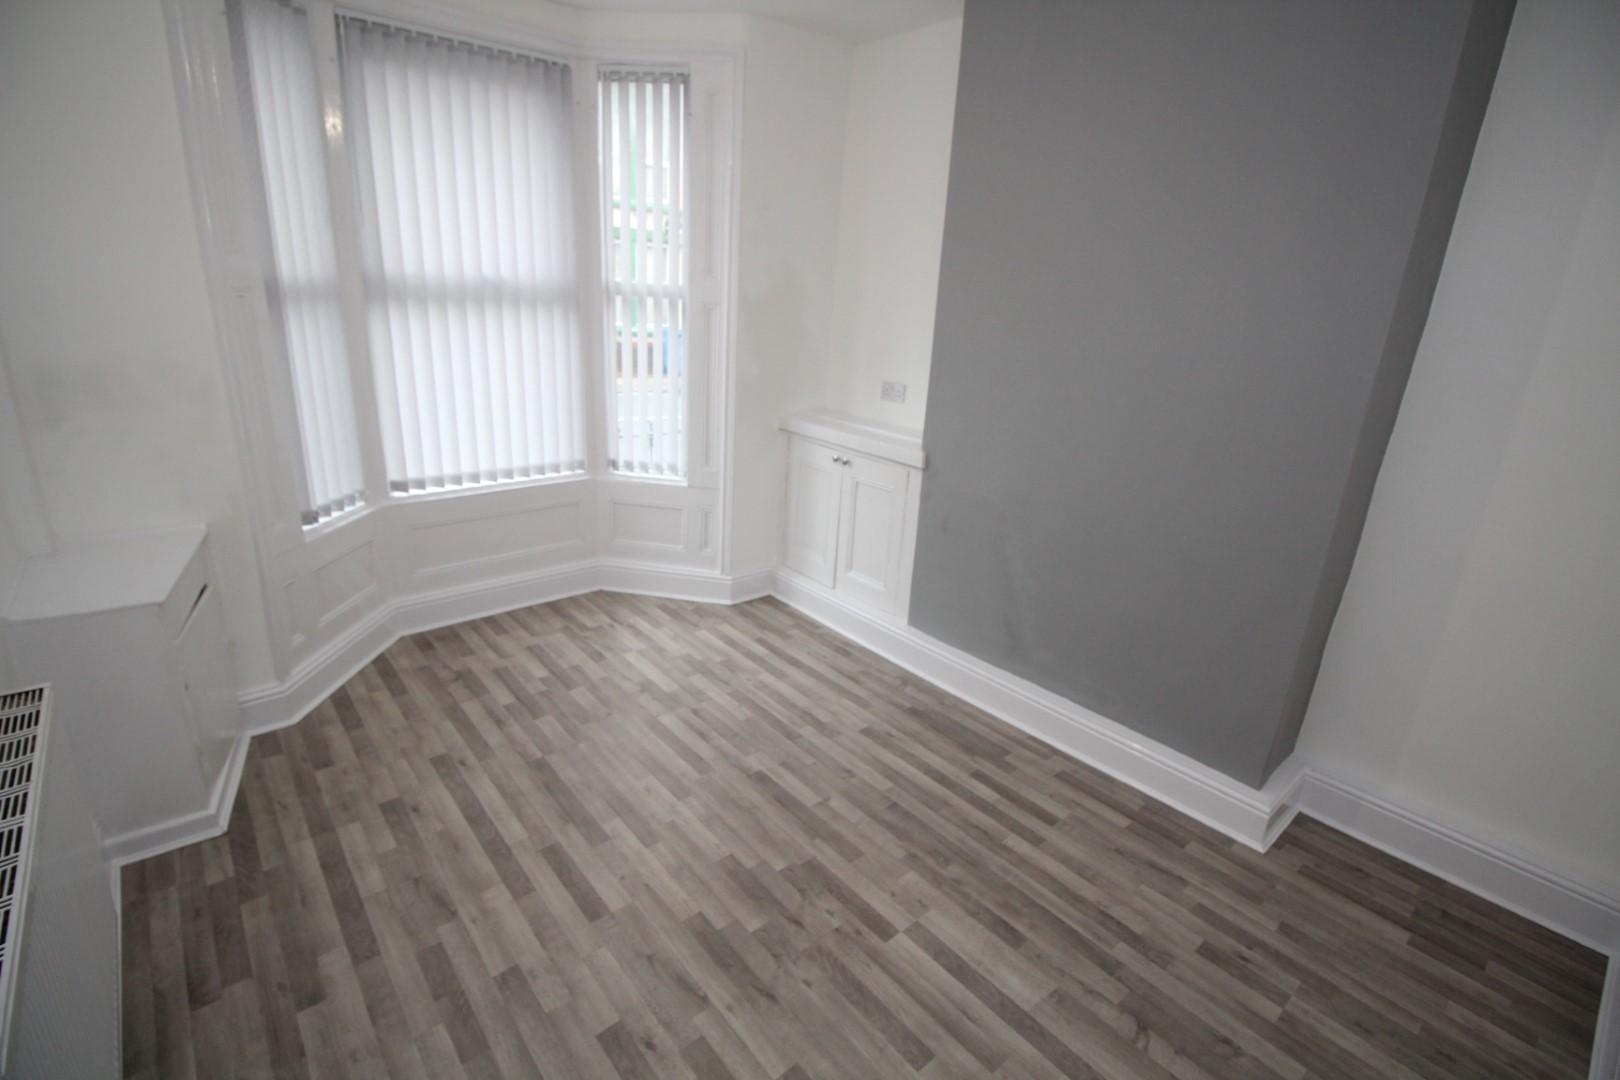 Living Room/Bedroom 4